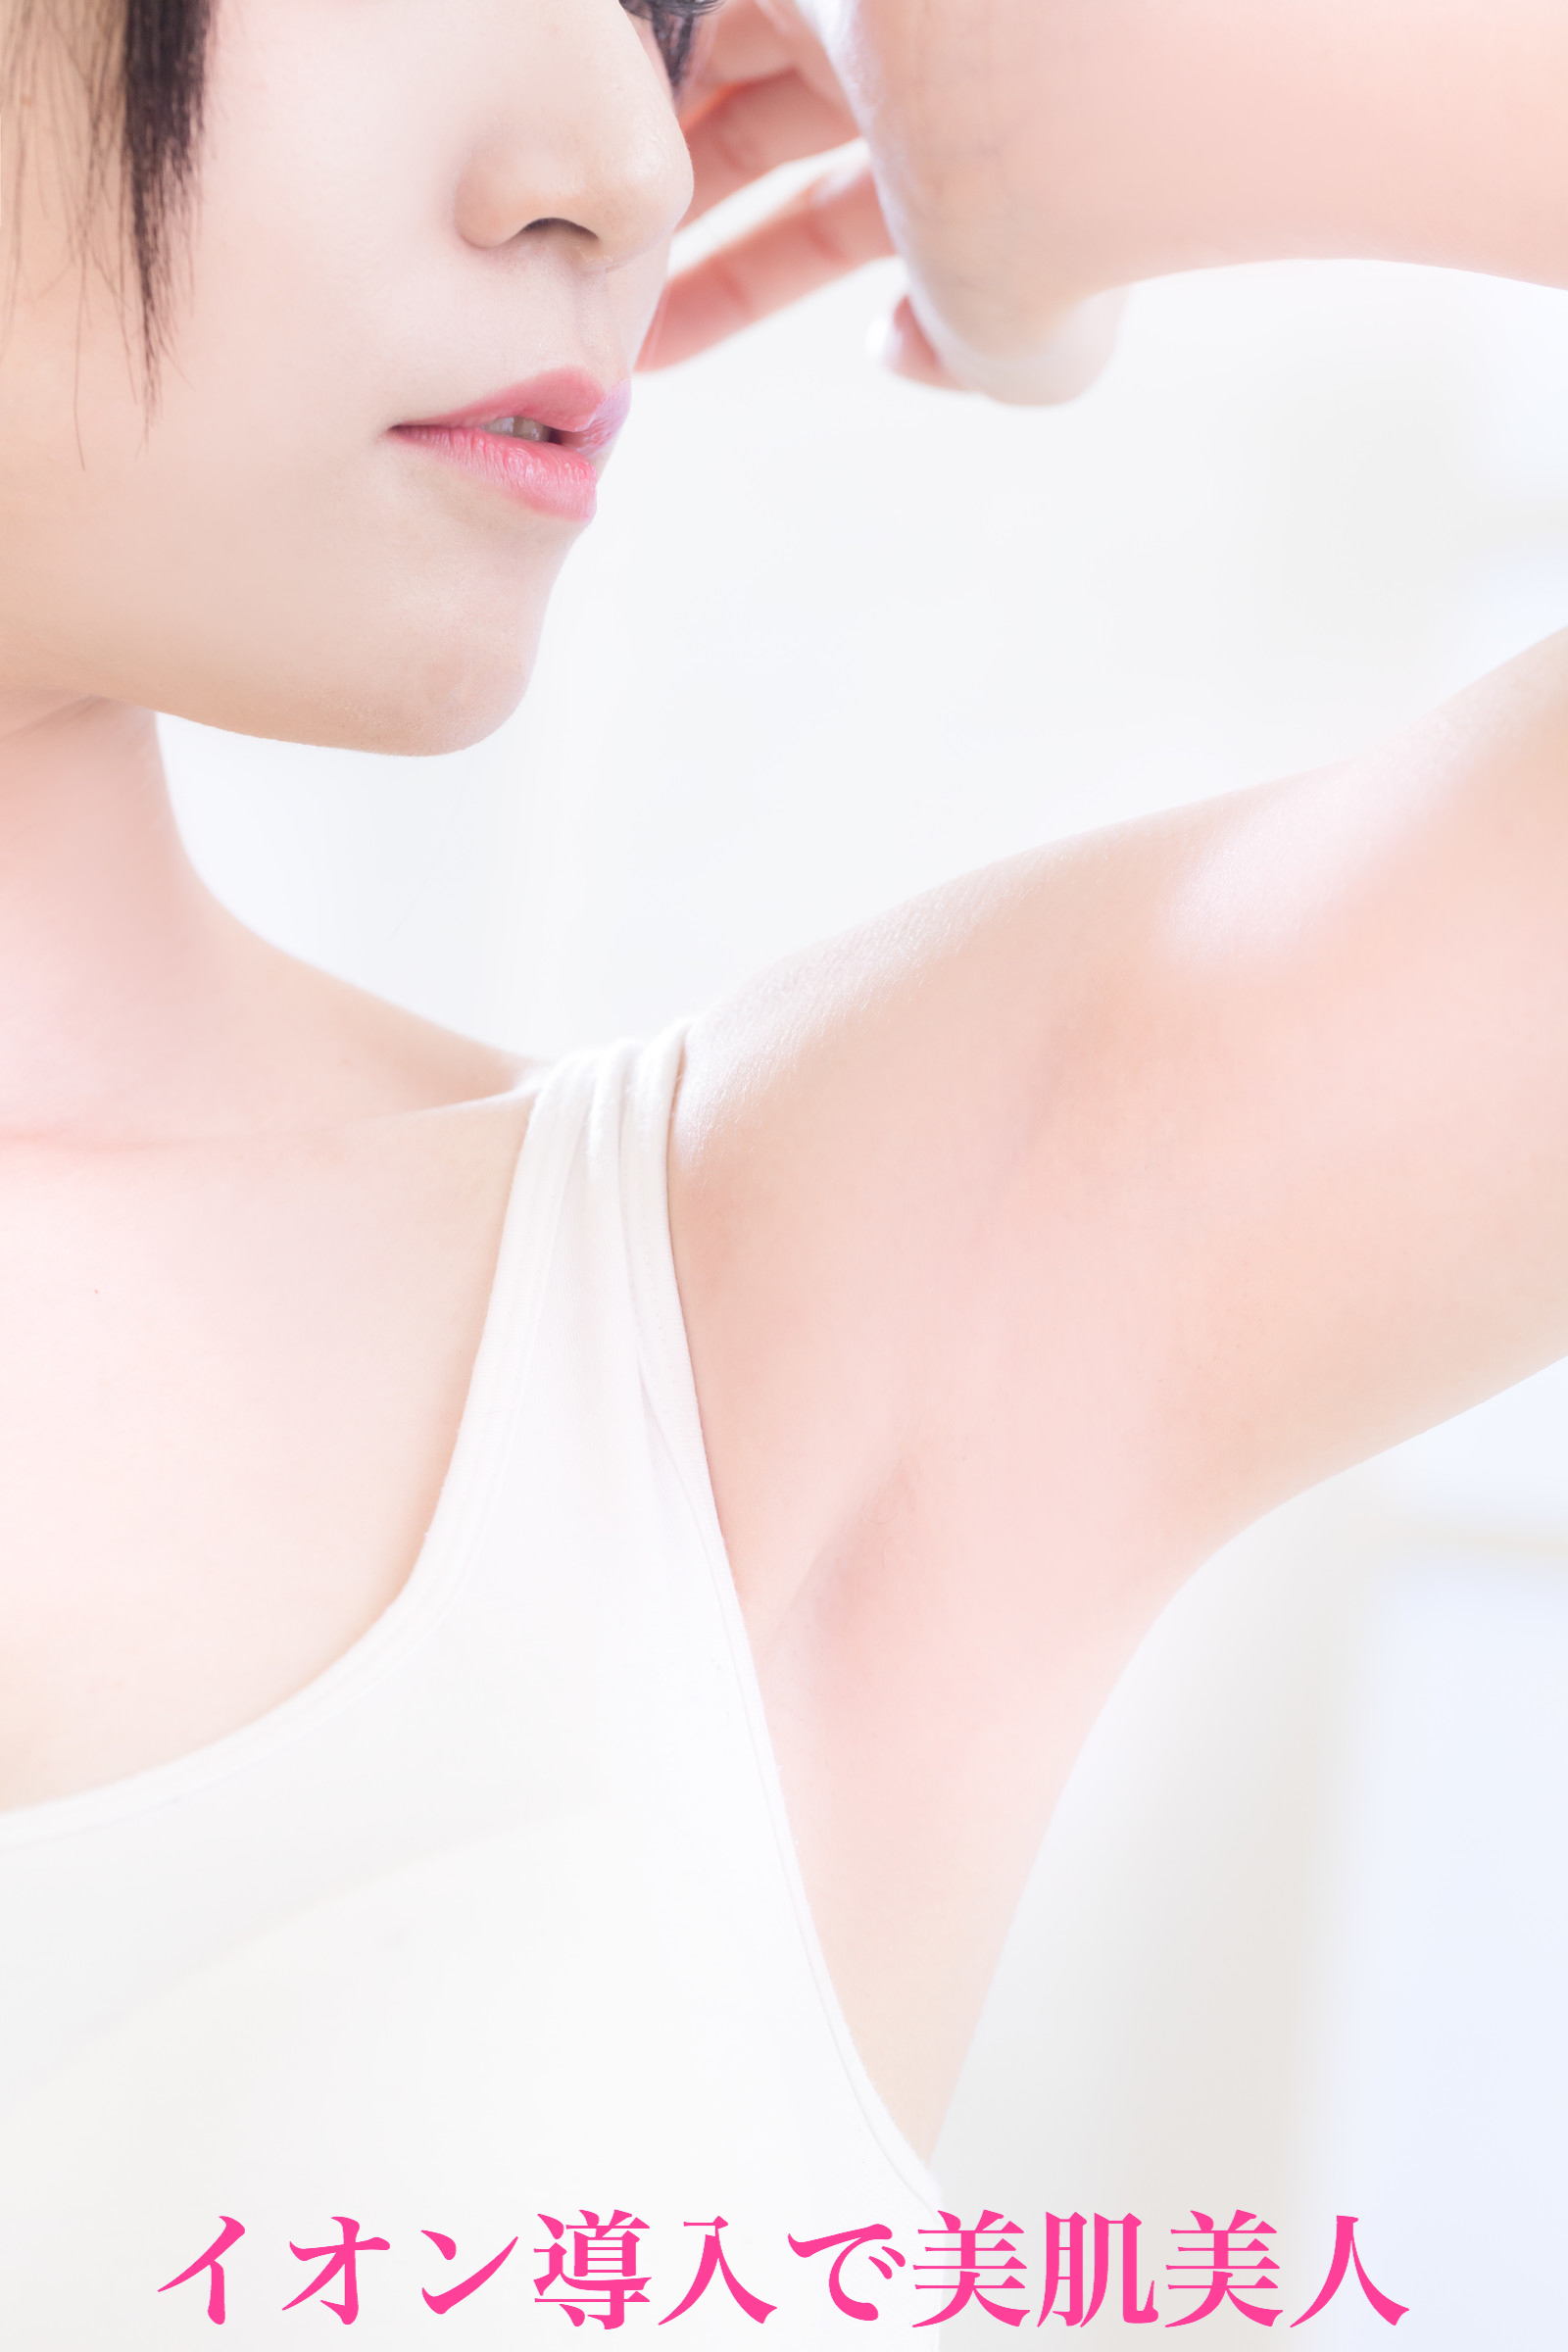 キラ肌 おすすめイオン導入全身美容脱毛解説